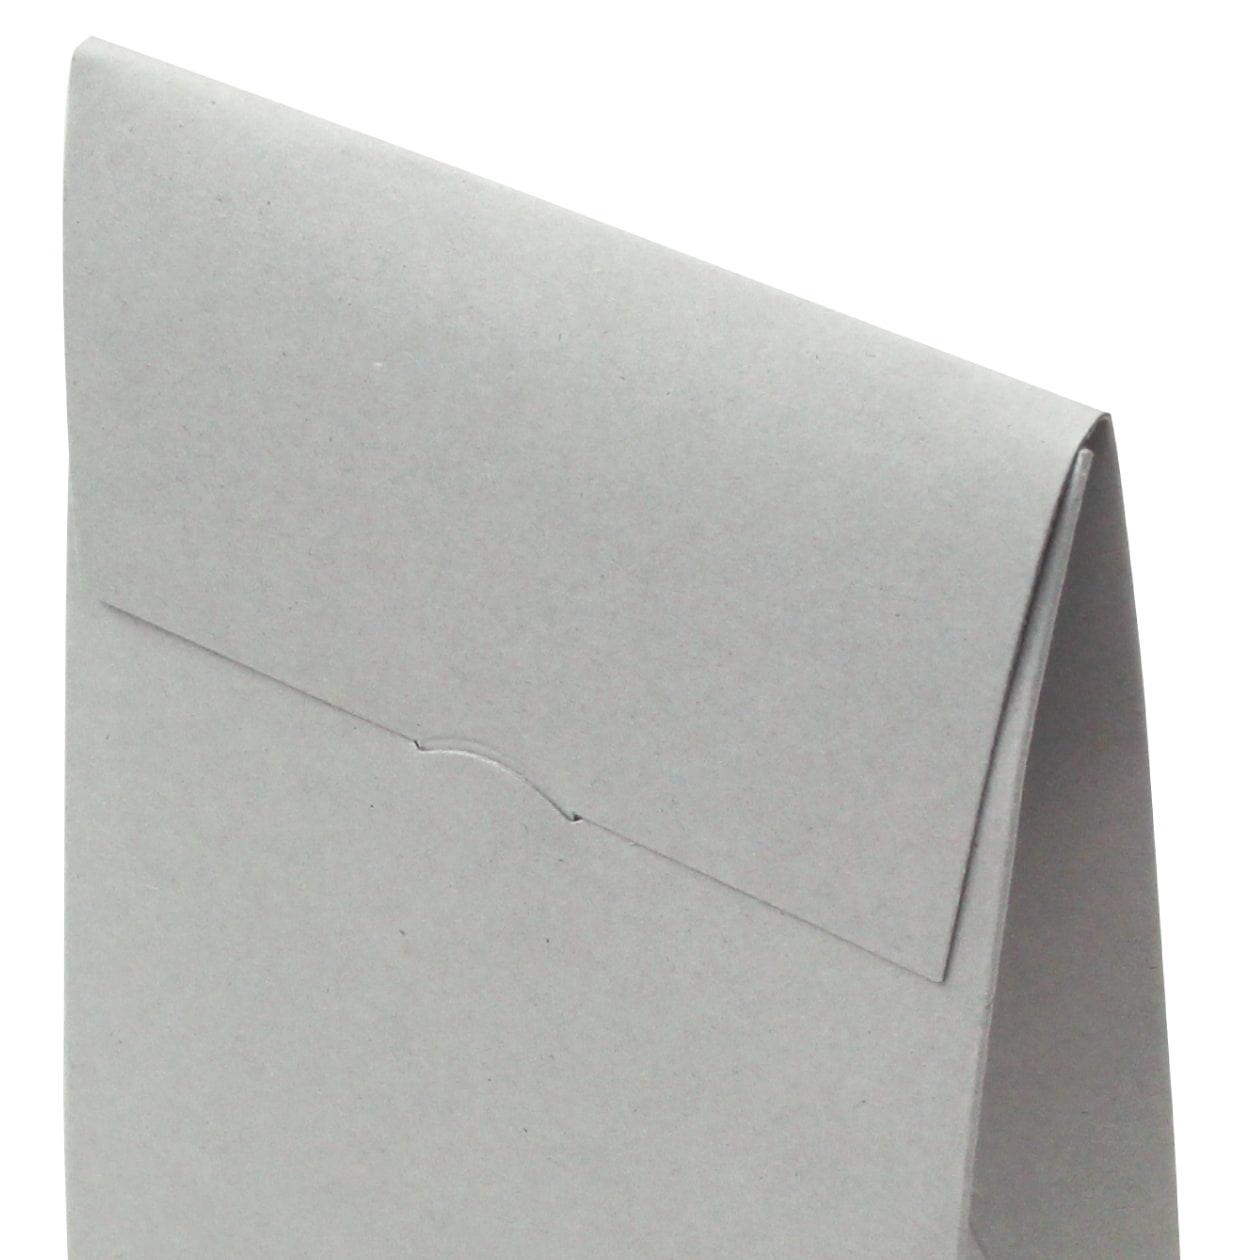 角底箱ロック式120×180×50 ボード紙 グレー 270g